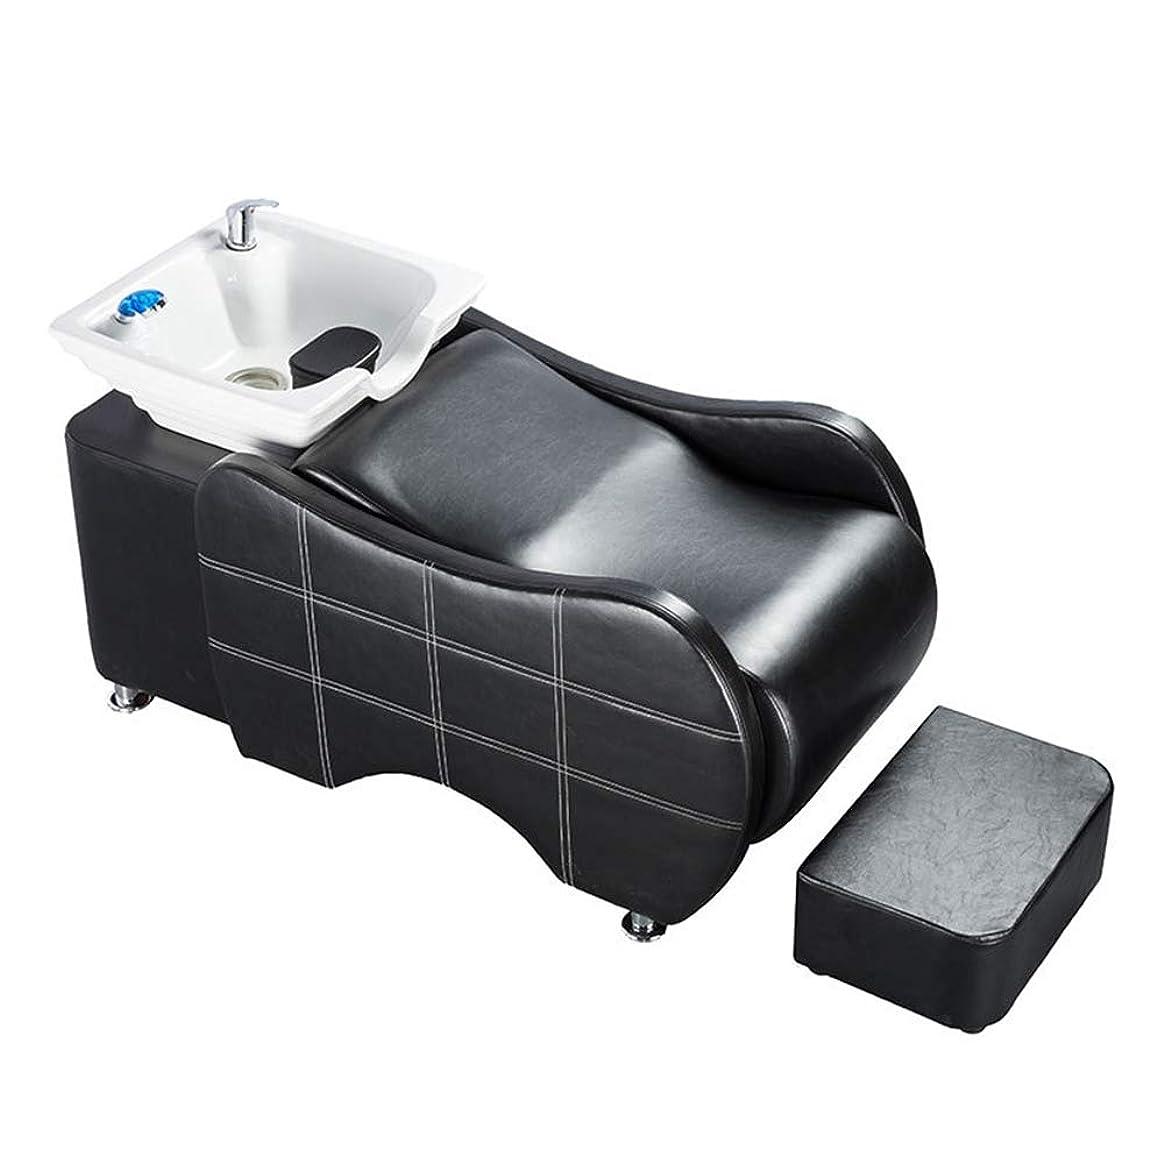 水曜日誘惑する安息シャンプーの理髪師の逆洗の椅子、鉱泉の美容院のための陶磁器の洗面器の逆洗の単位のシャンプーボールの流しの椅子(黒)